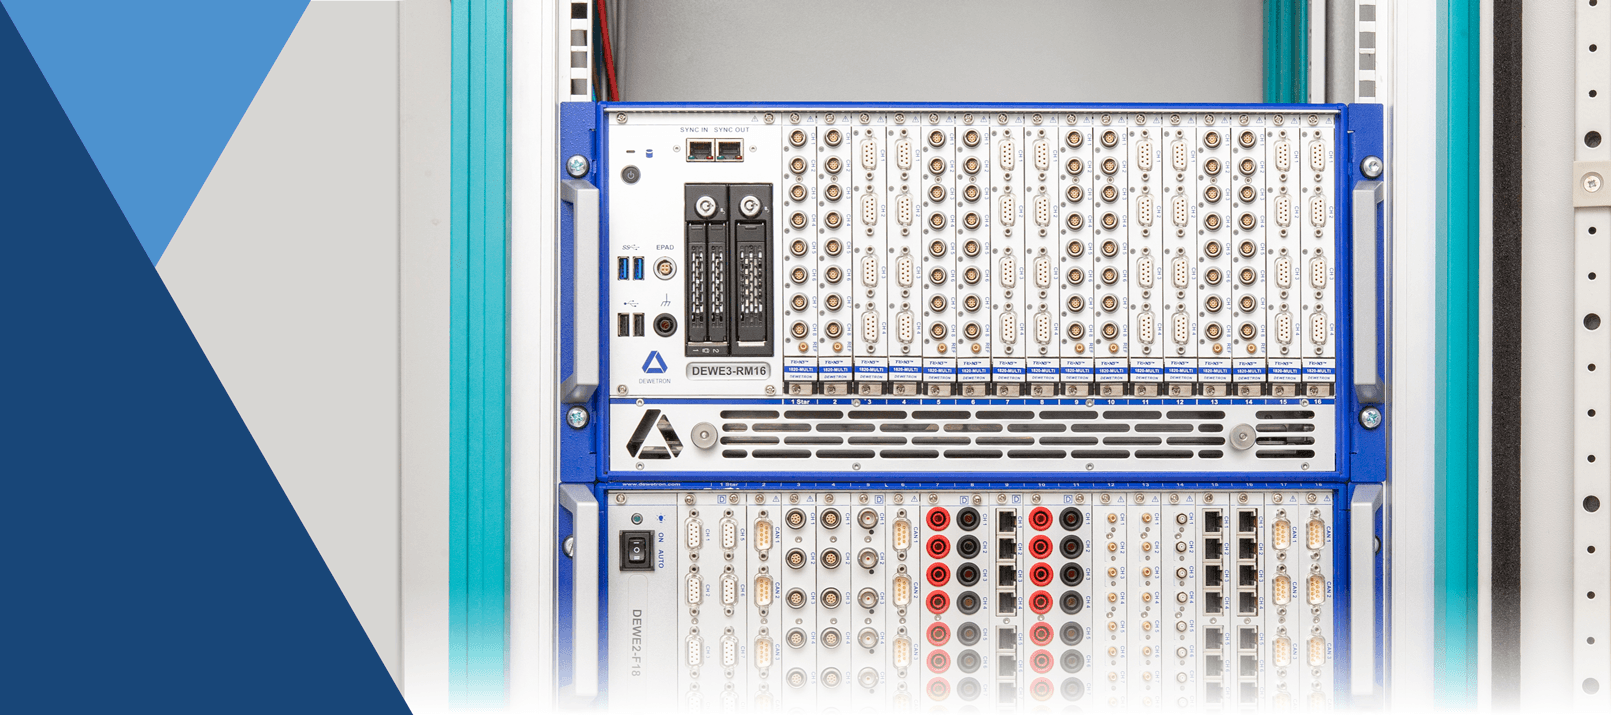 Geräte-zur-Schaltschrank-Montage-DEWE3-RM